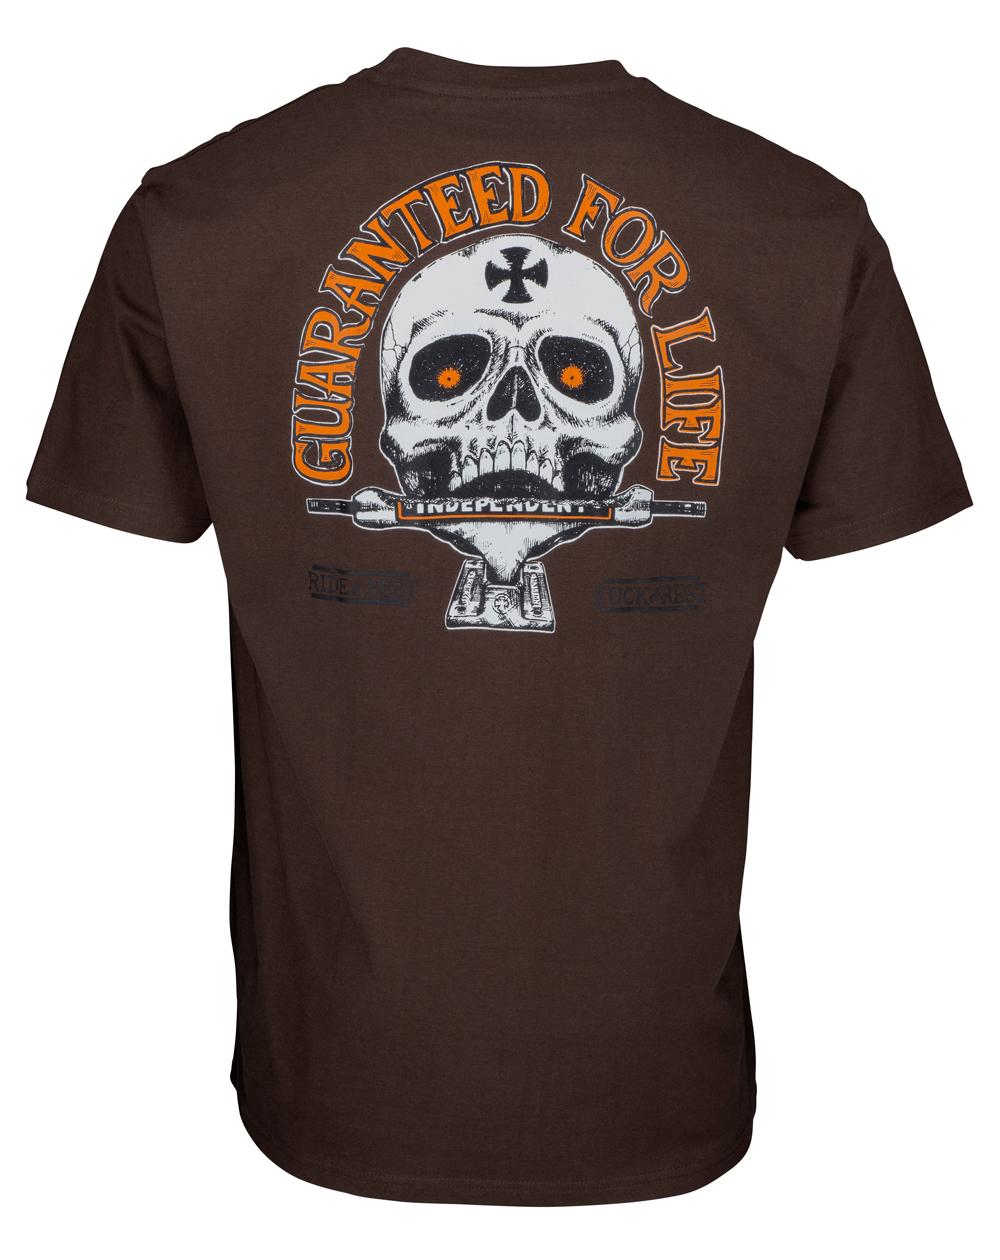 Independent Men's T-Shirt Guaranteed Dark Chocolate